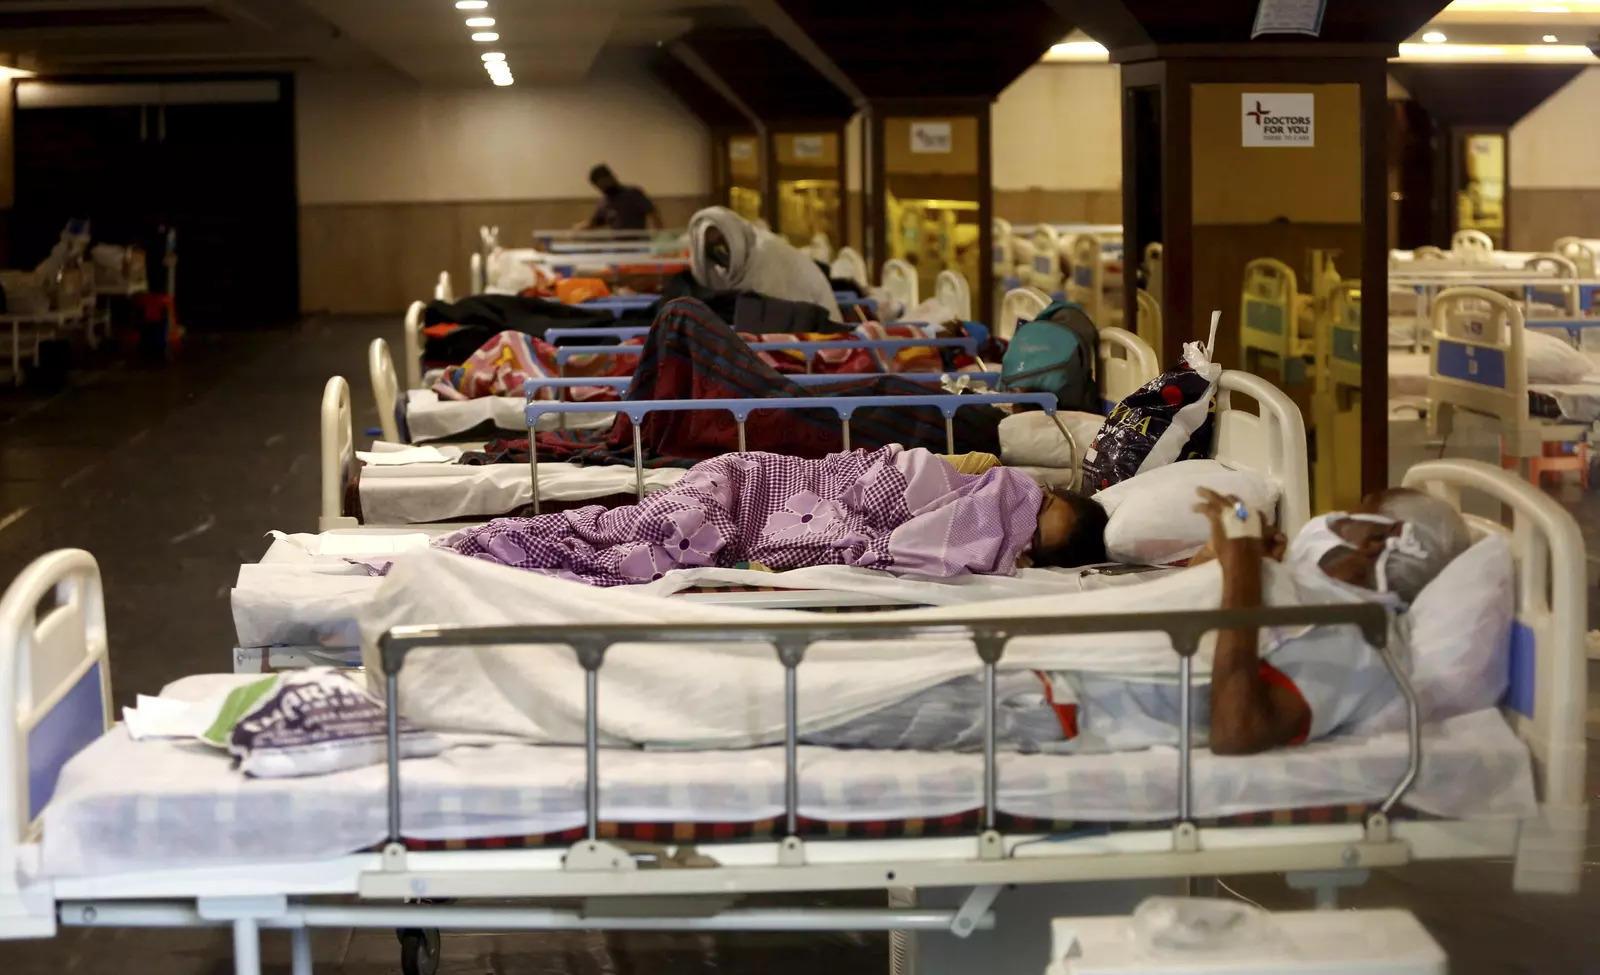 सरकार ने कोविद -19 रोगियों के प्रबंधन के लिए नैदानिक मार्गदर्शन को अद्यतन किया – ईटी हेल्थवर्ल्ड